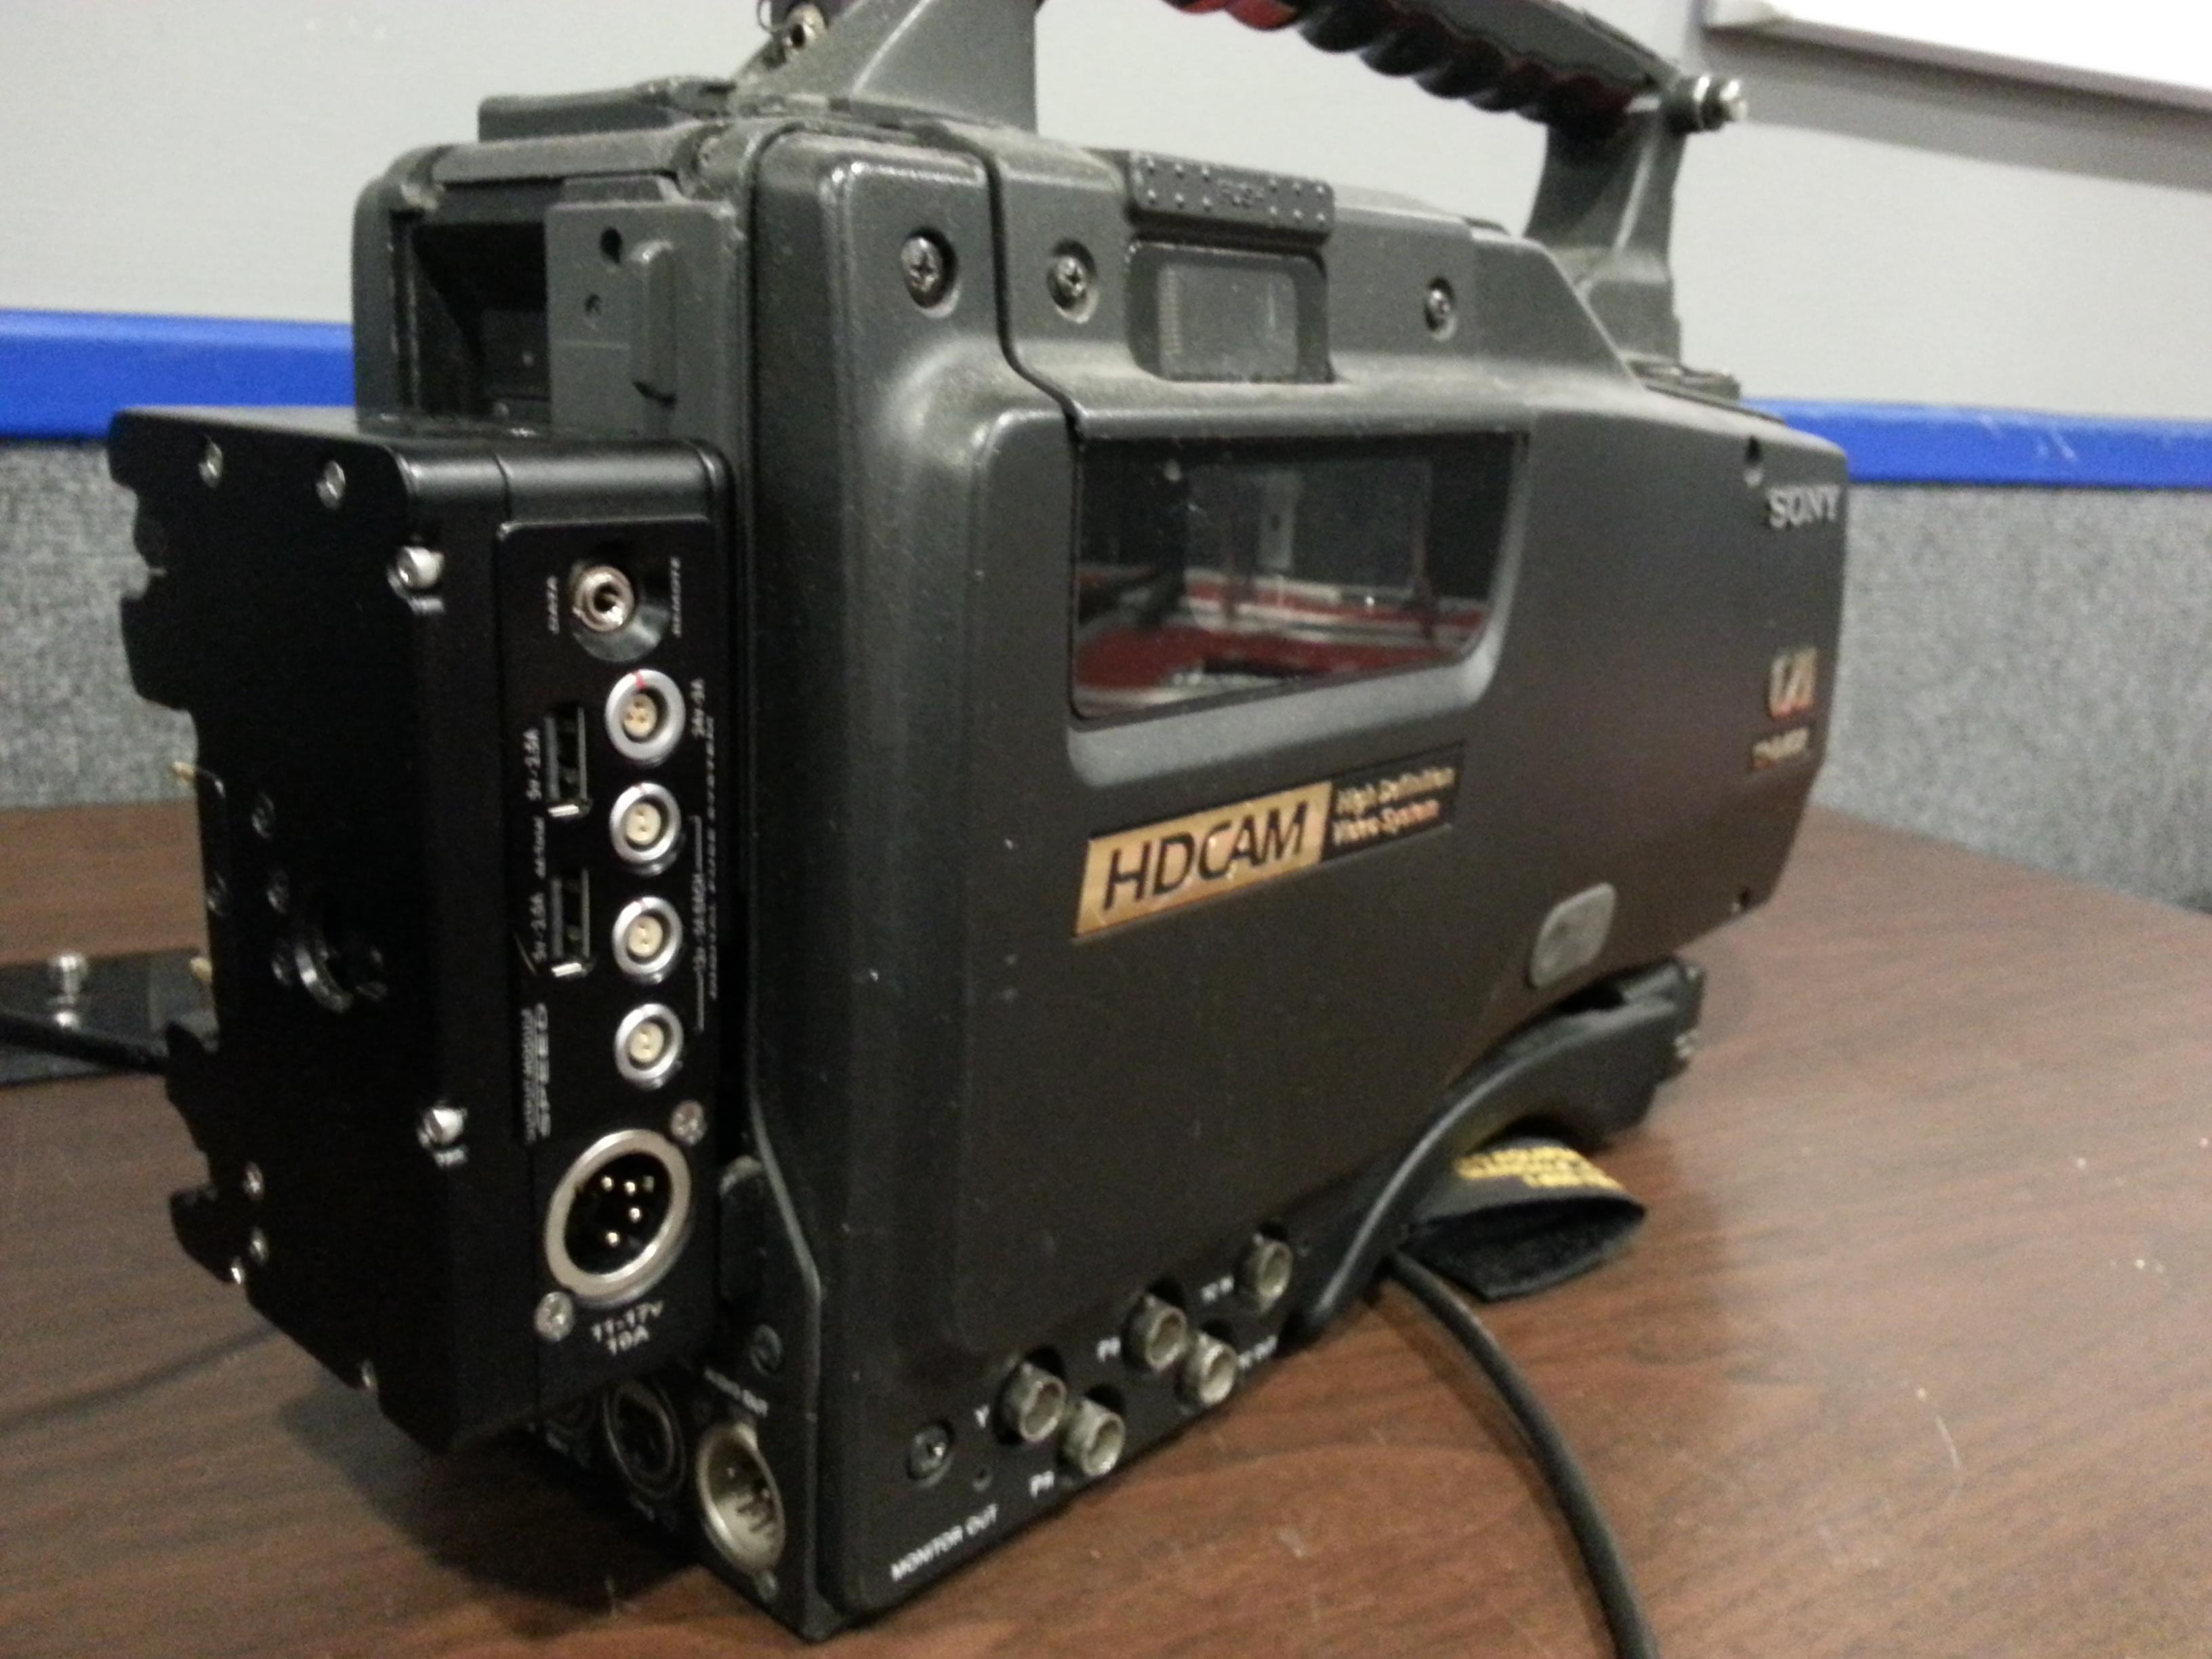 HDW-F900